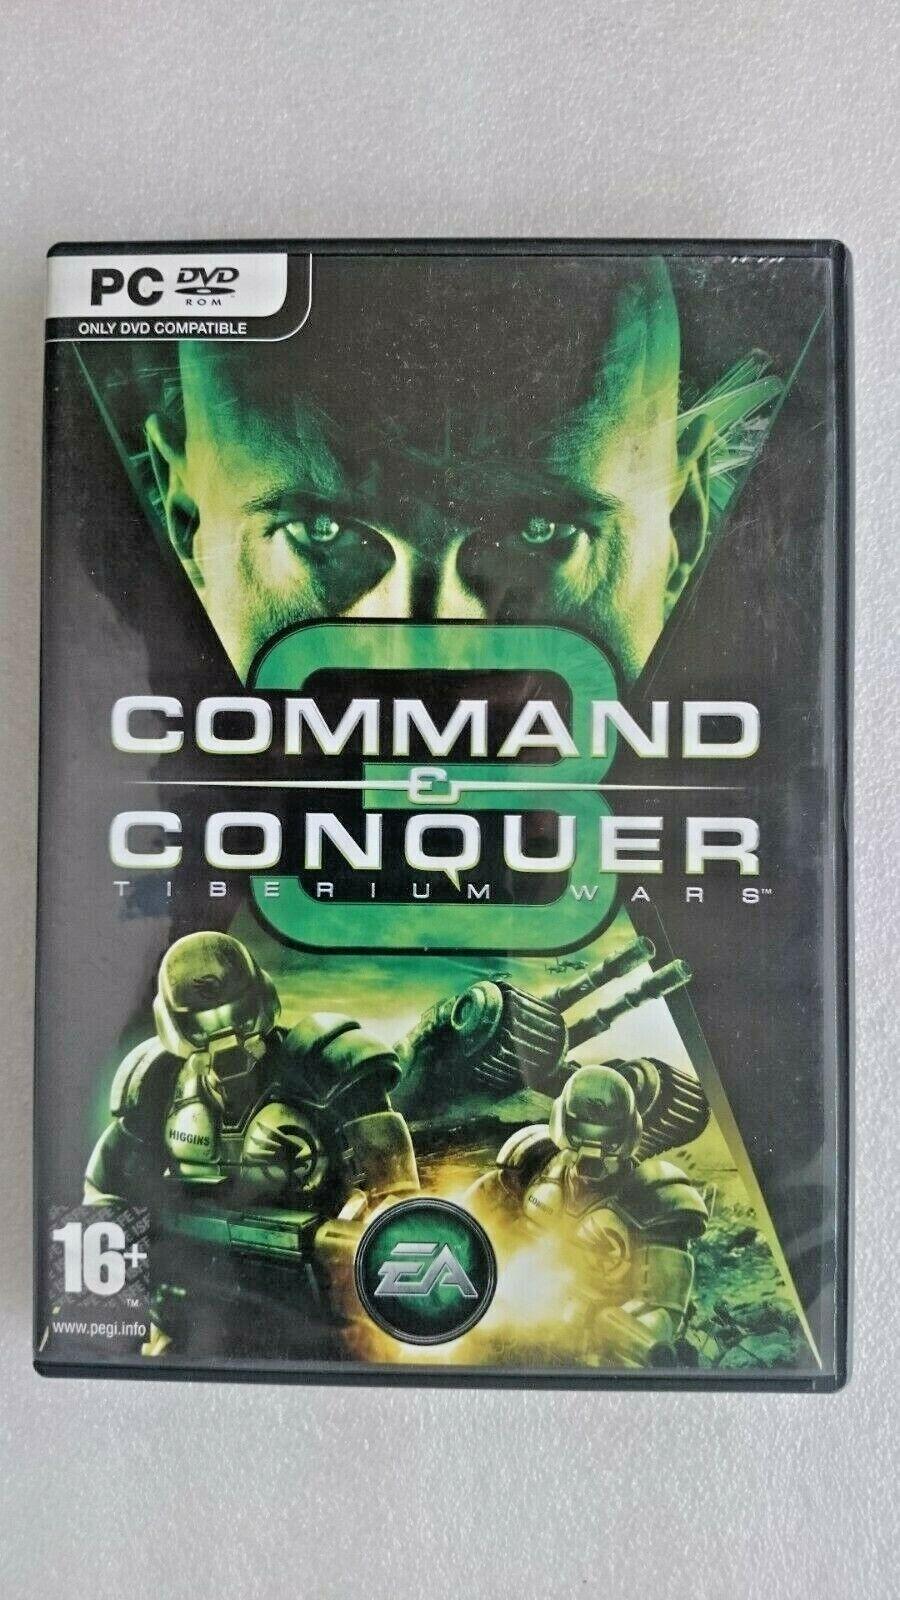 Command & Conquer: Tiberium Wars (PC: Windows, 2007)